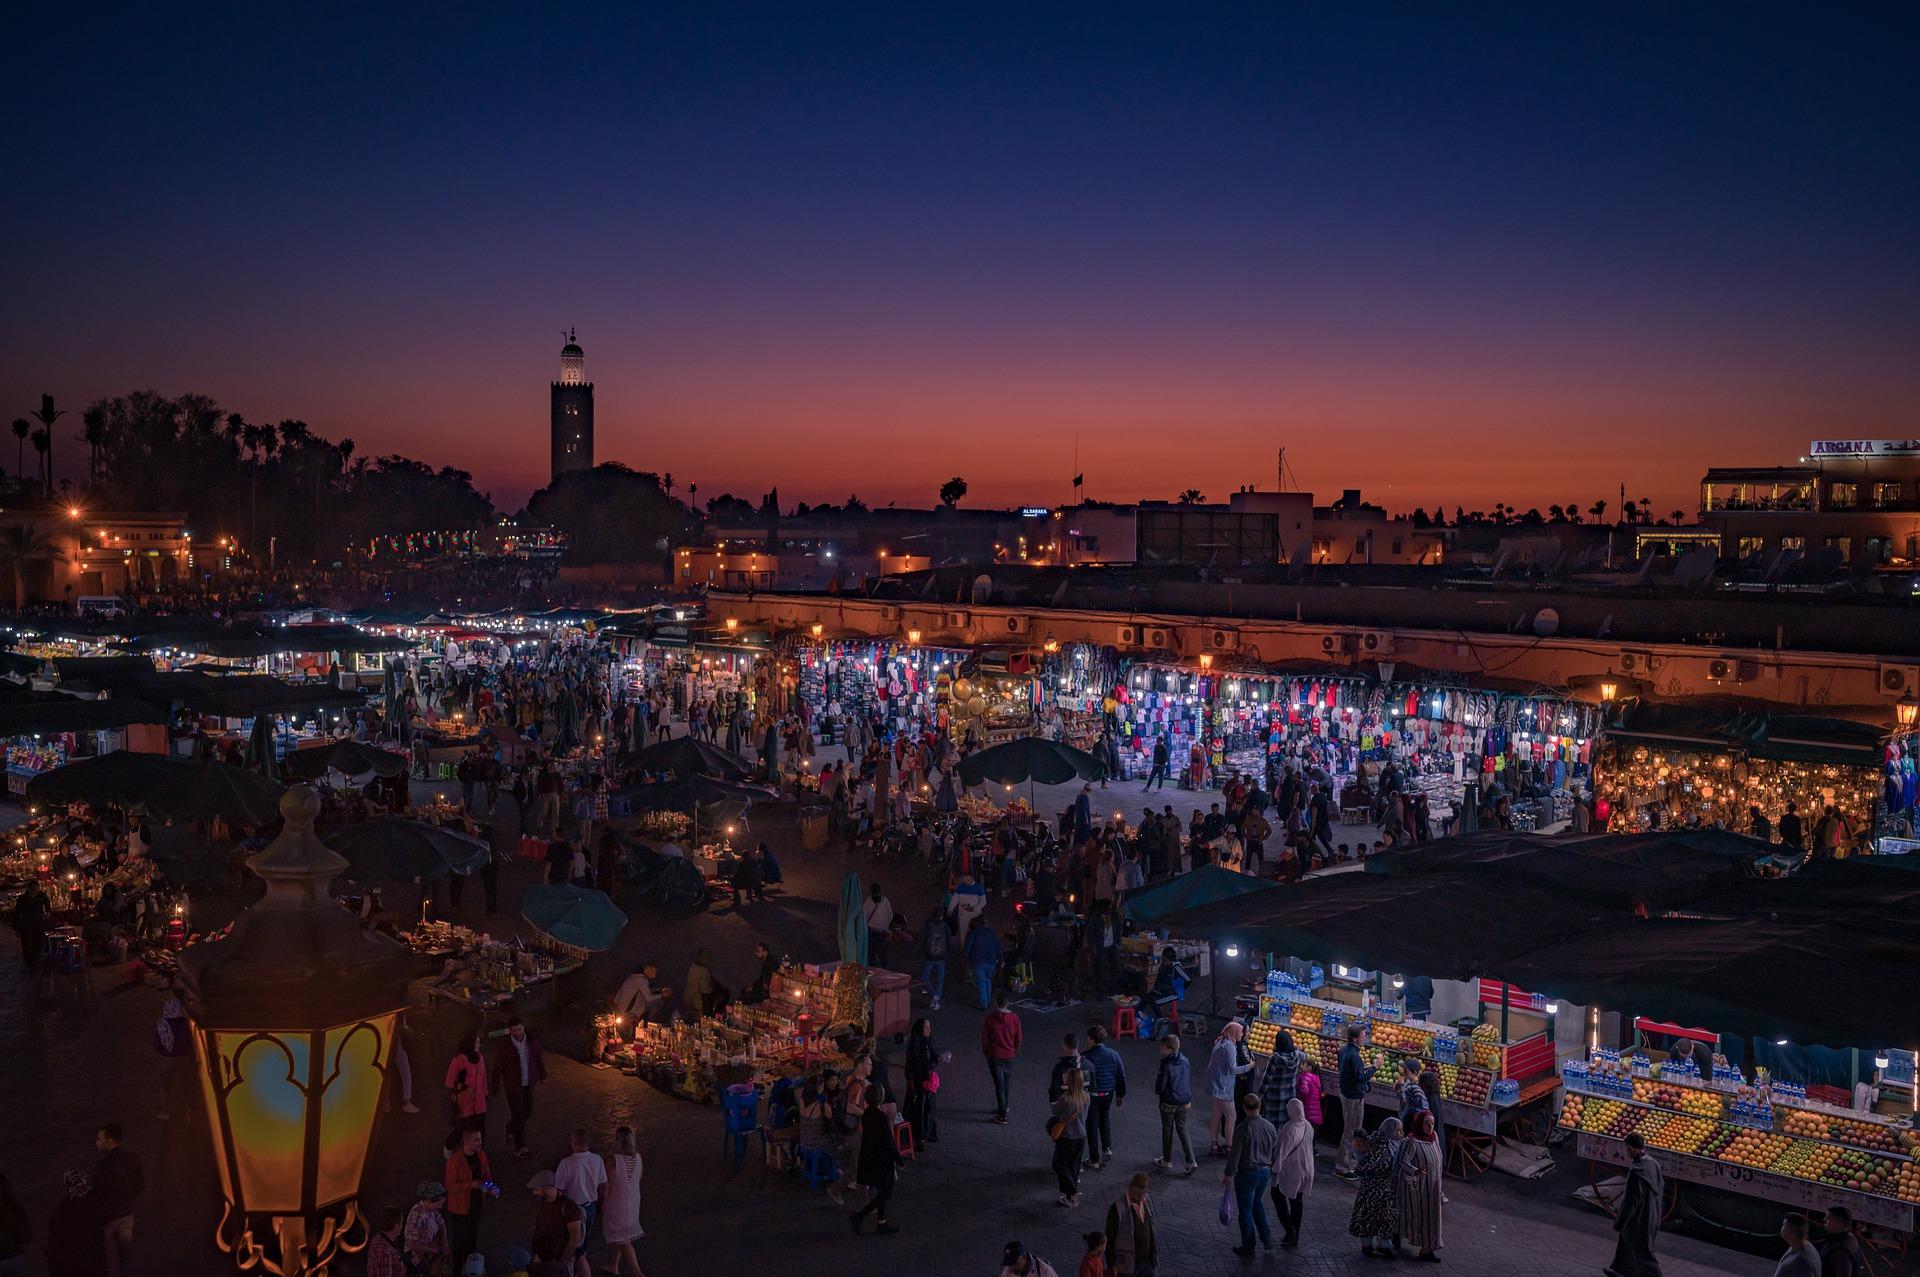 marrakech-4500910_1920